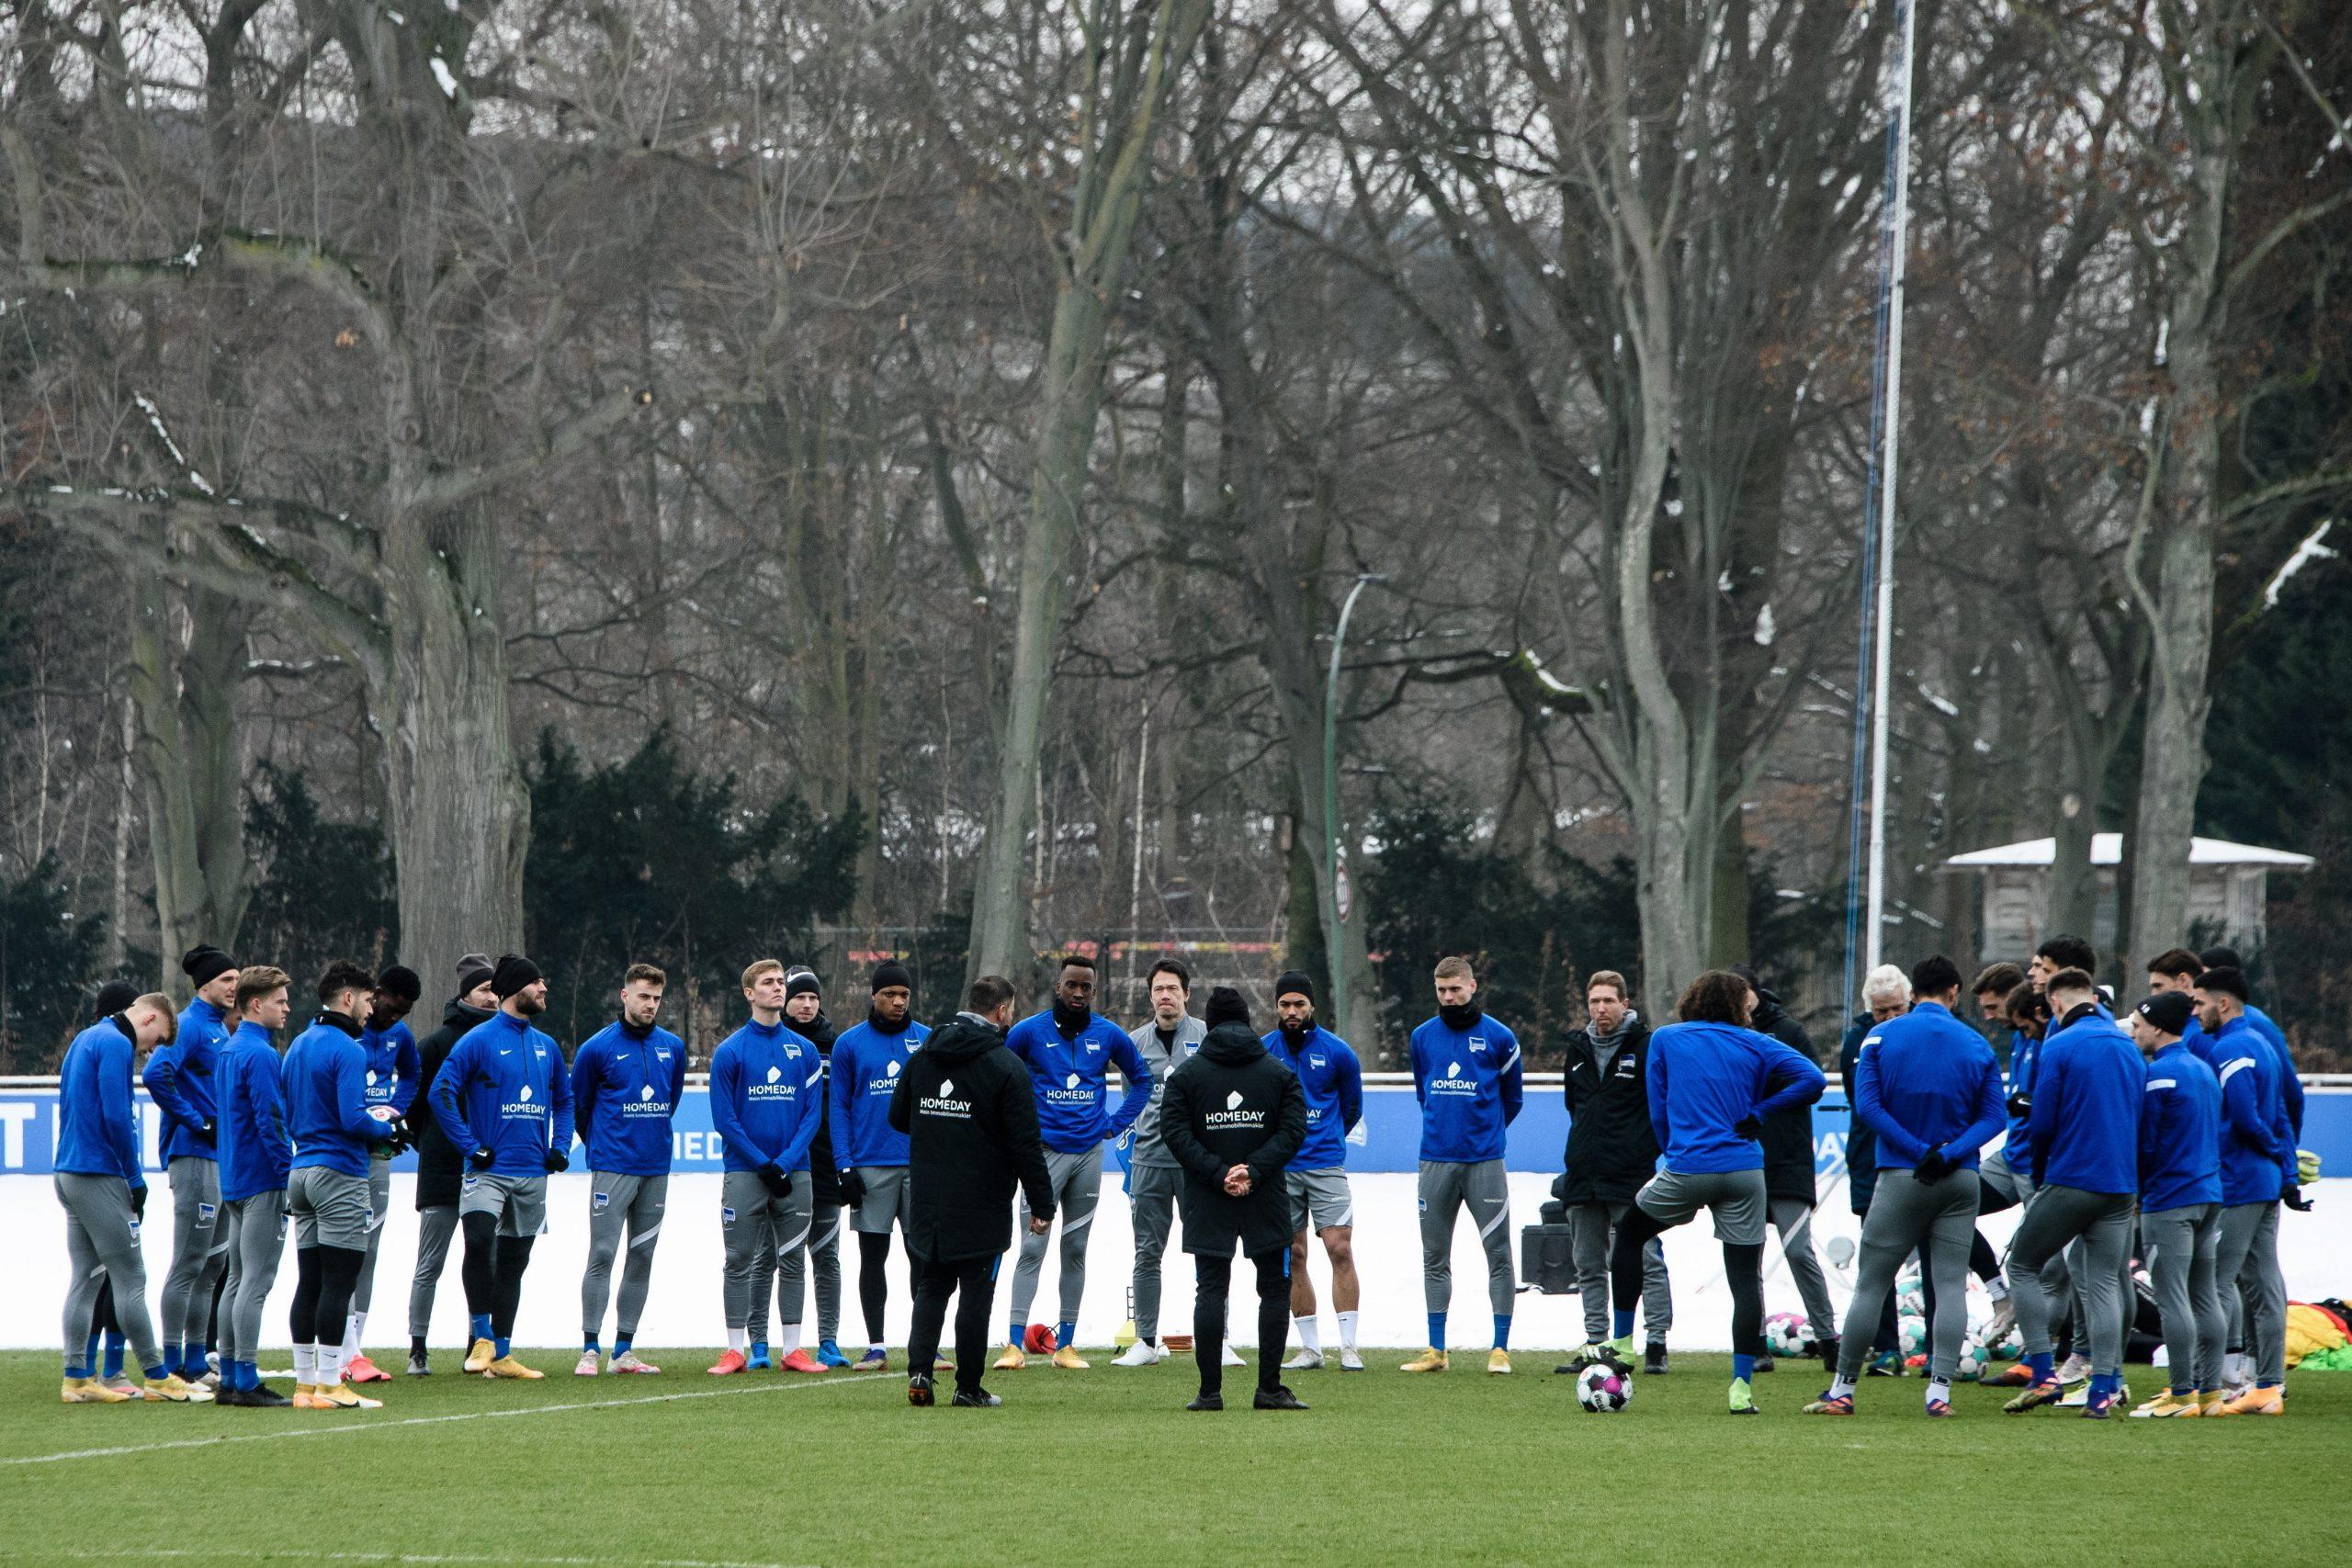 Torwarttrainer Petry wegen Kritik an Regenbogenfamilien und Migration aus Hertha gefeuert